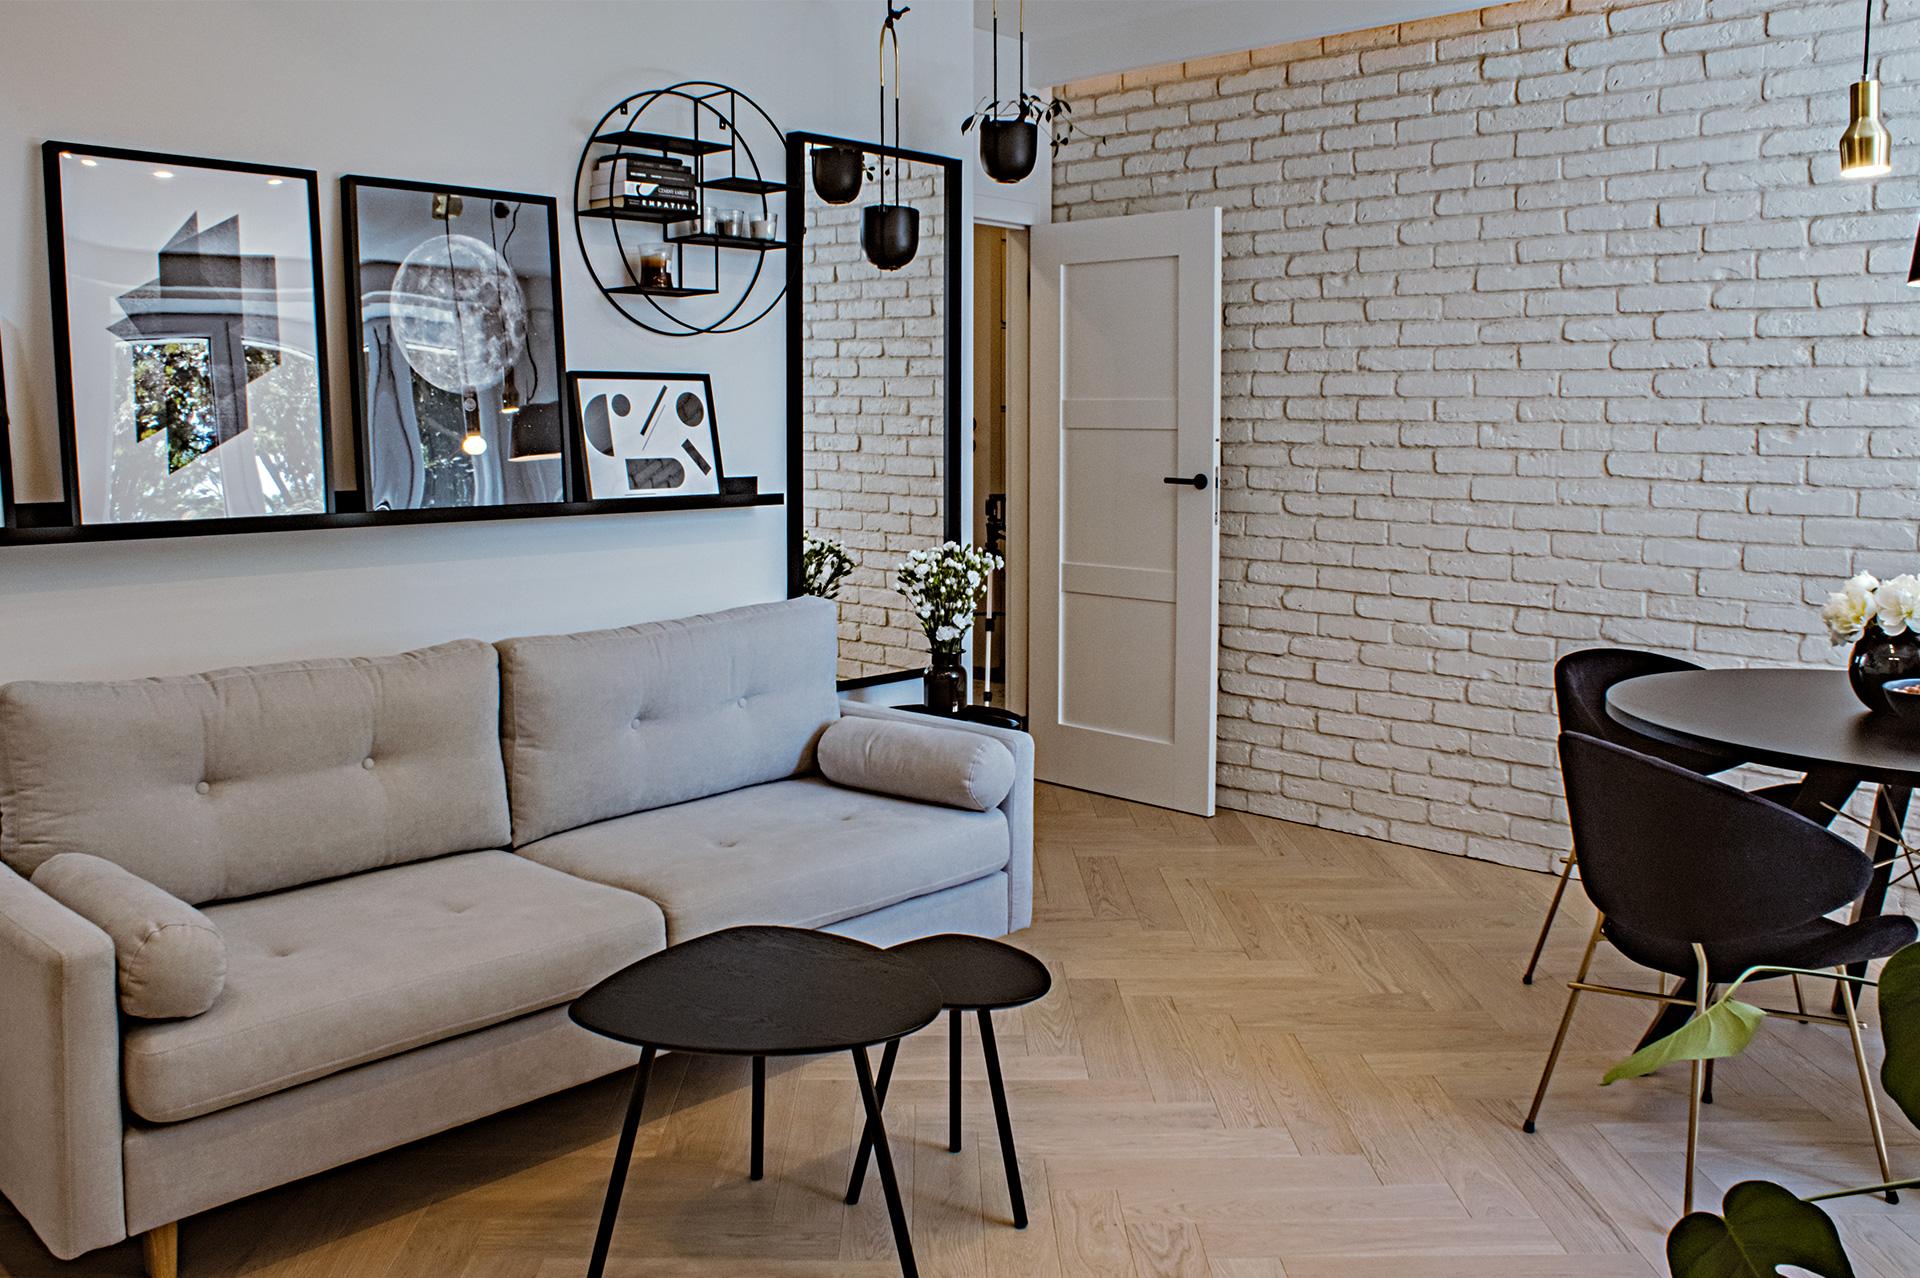 Ściana z białej cegły to detal charakterystyczny dla warszawskiej architektury. Stała się ona główną ozdobą salonu. Pod sufitem zamaskowane, dekoracyjne oświetlenie pomaga ją dobrze wyeksponować.